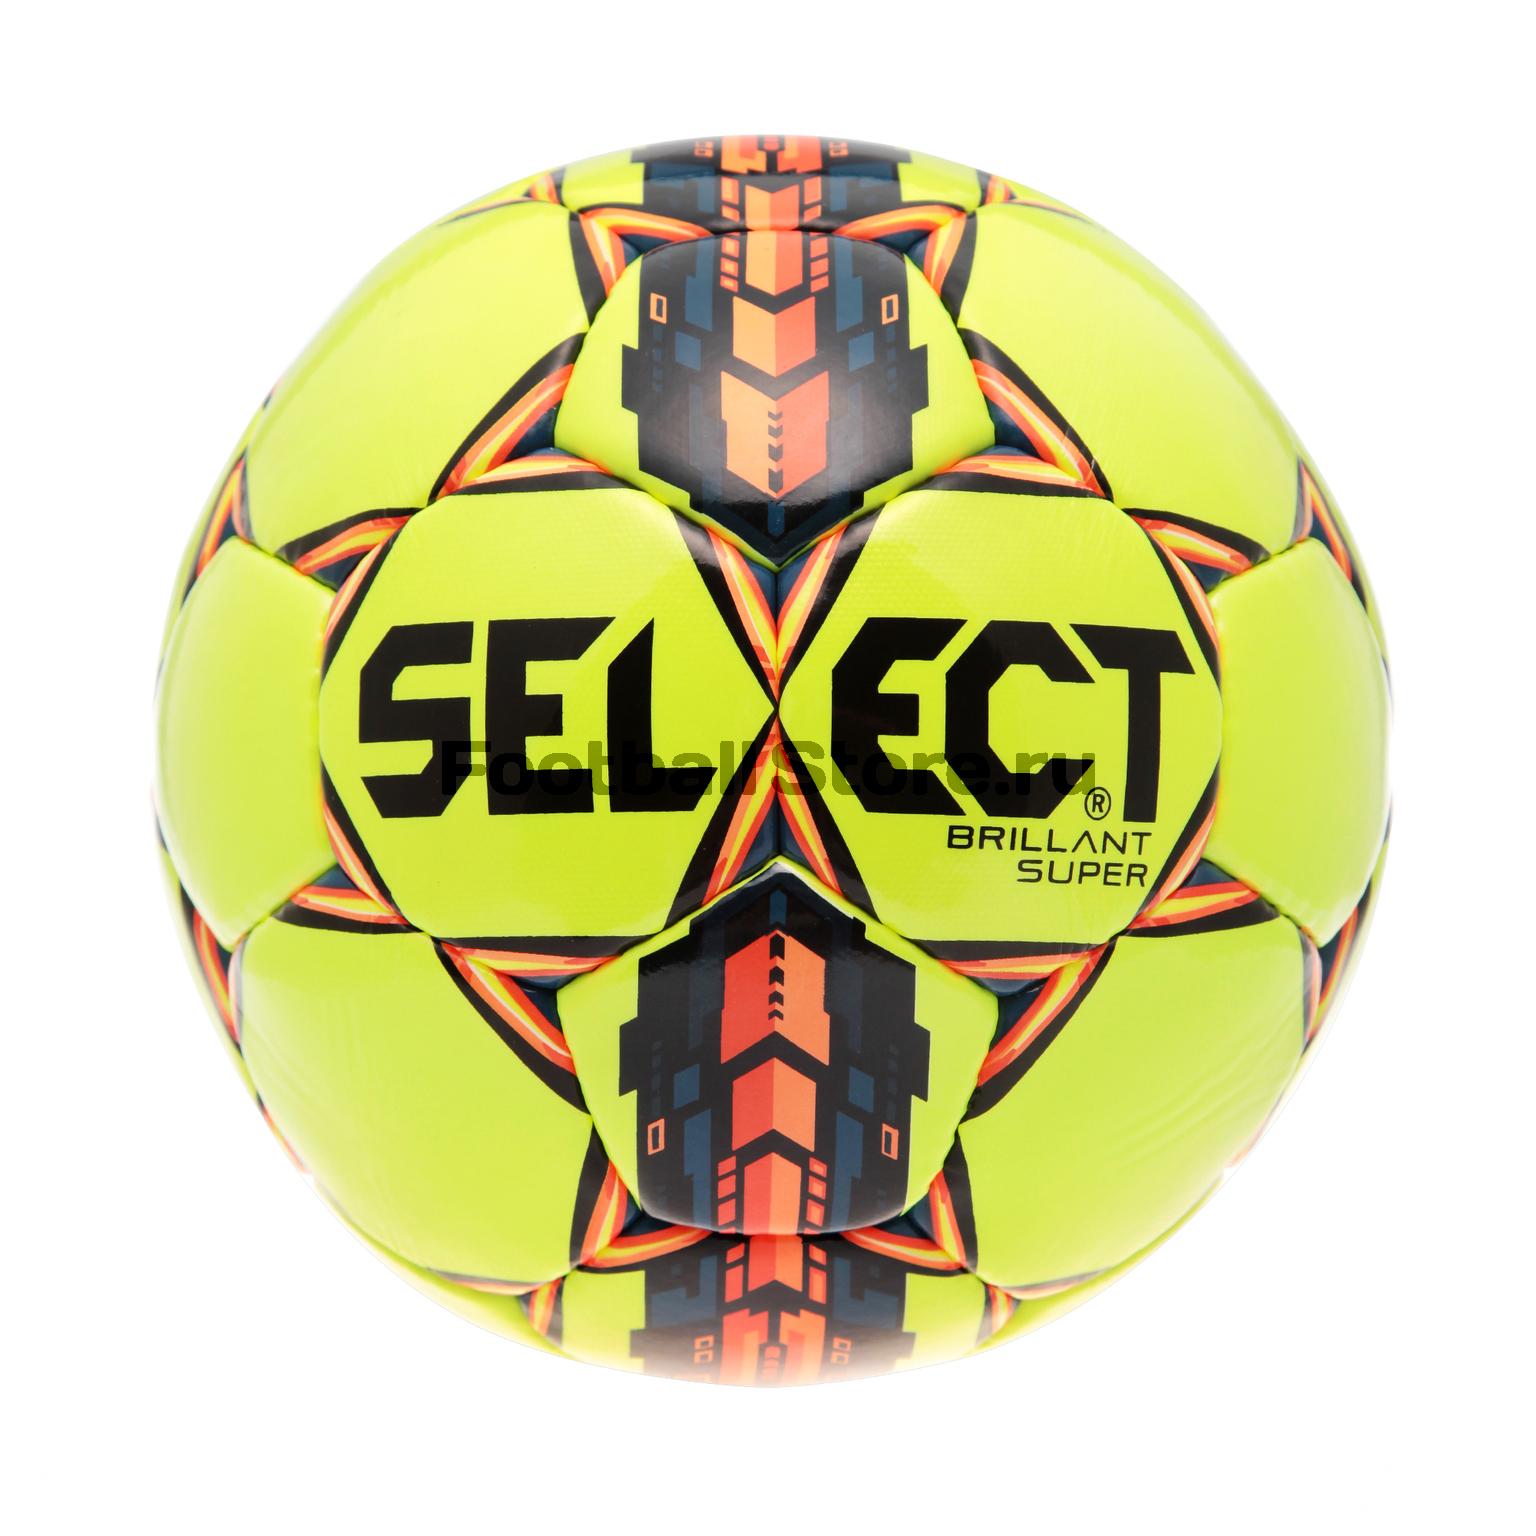 Футбольный мяч Select Brillant Super Fifa 810108-778 цена